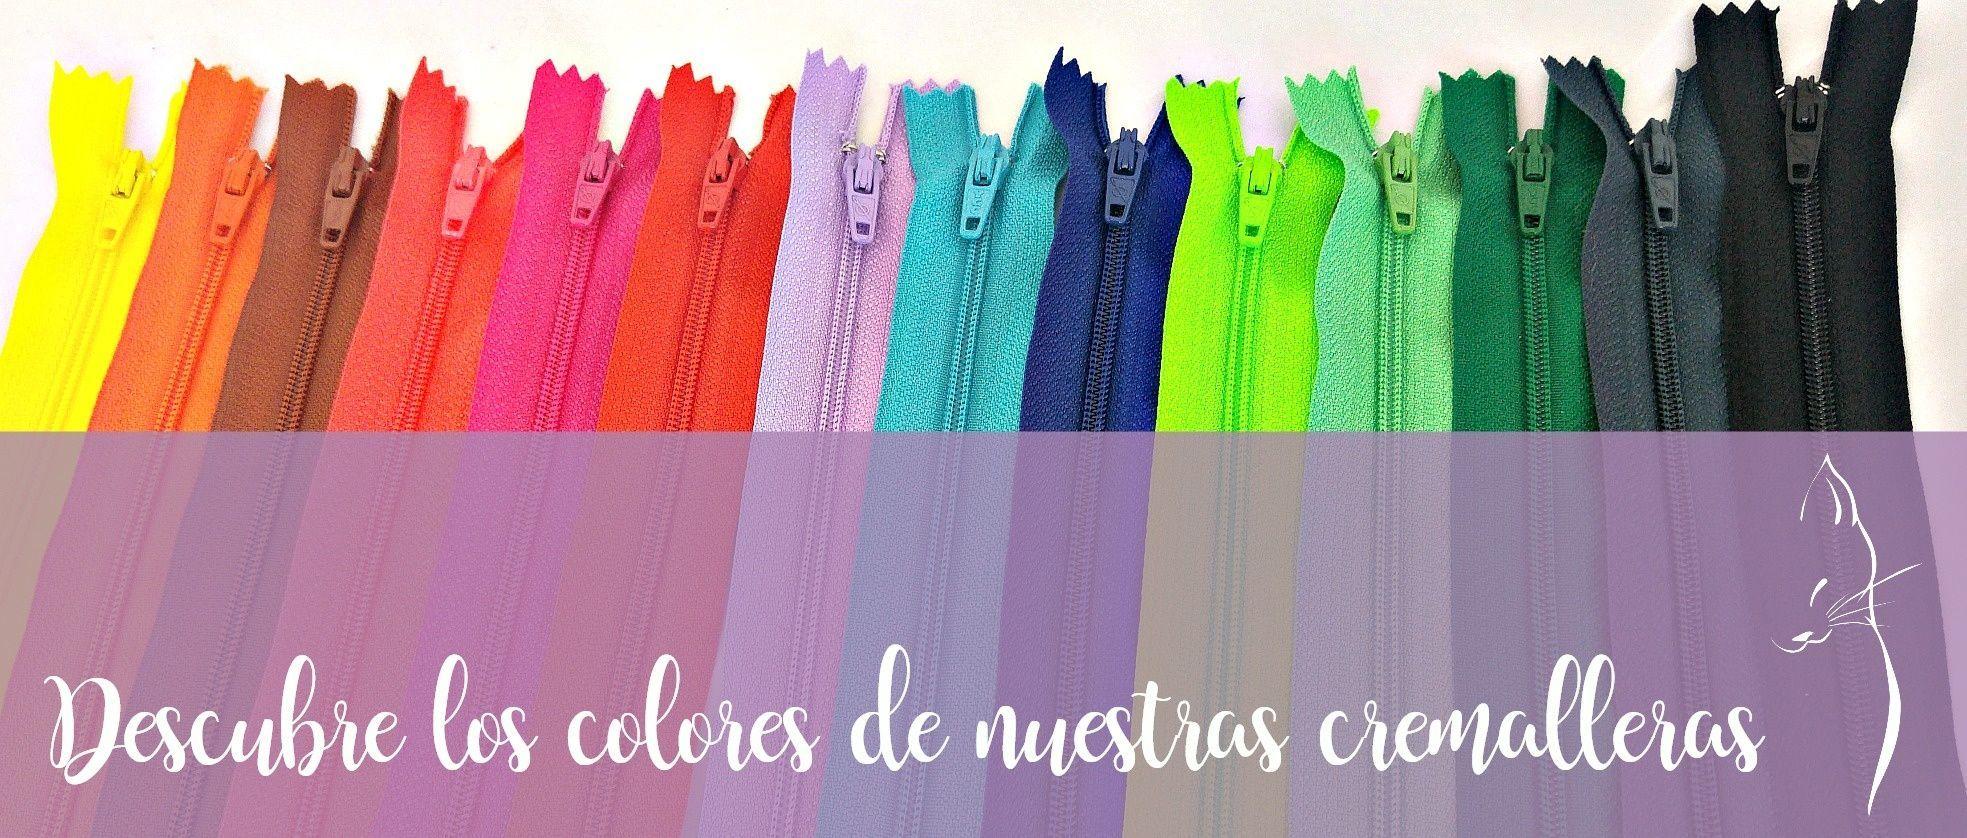 descubre los colores de nuestras cremalleras